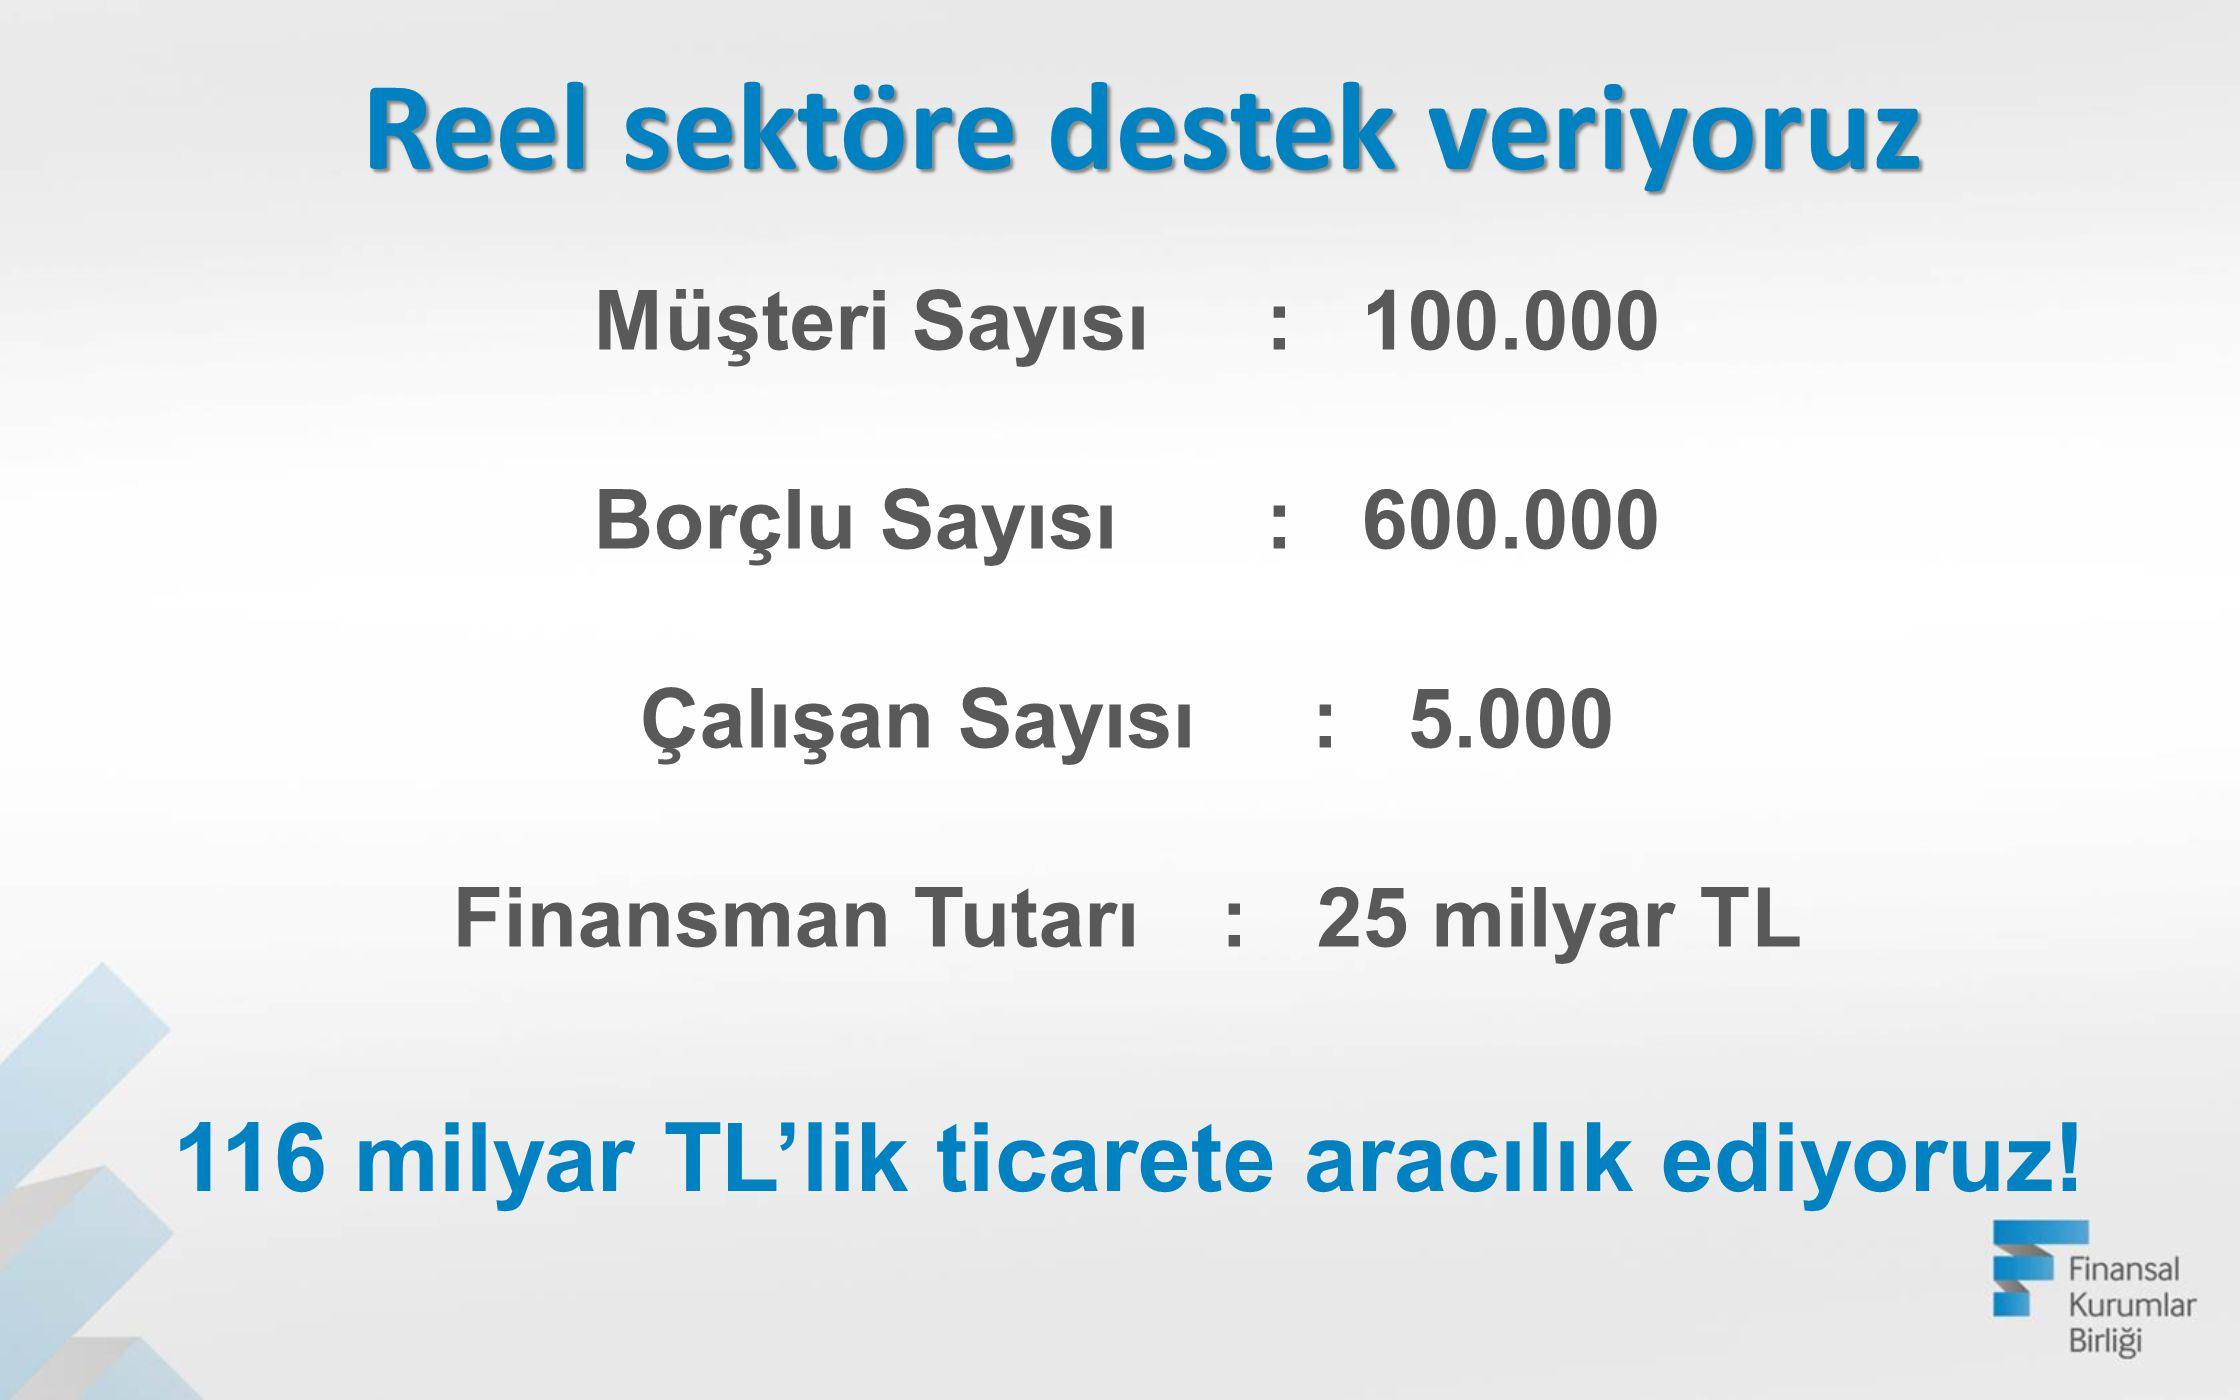 Müşteri Sayısı:100.000 Borçlu Sayısı:600.000 Çalışan Sayısı:5.000 Finansman Tutarı:25 milyar TL 116 milyar TL'lik ticarete aracılık ediyoruz! Reel sek